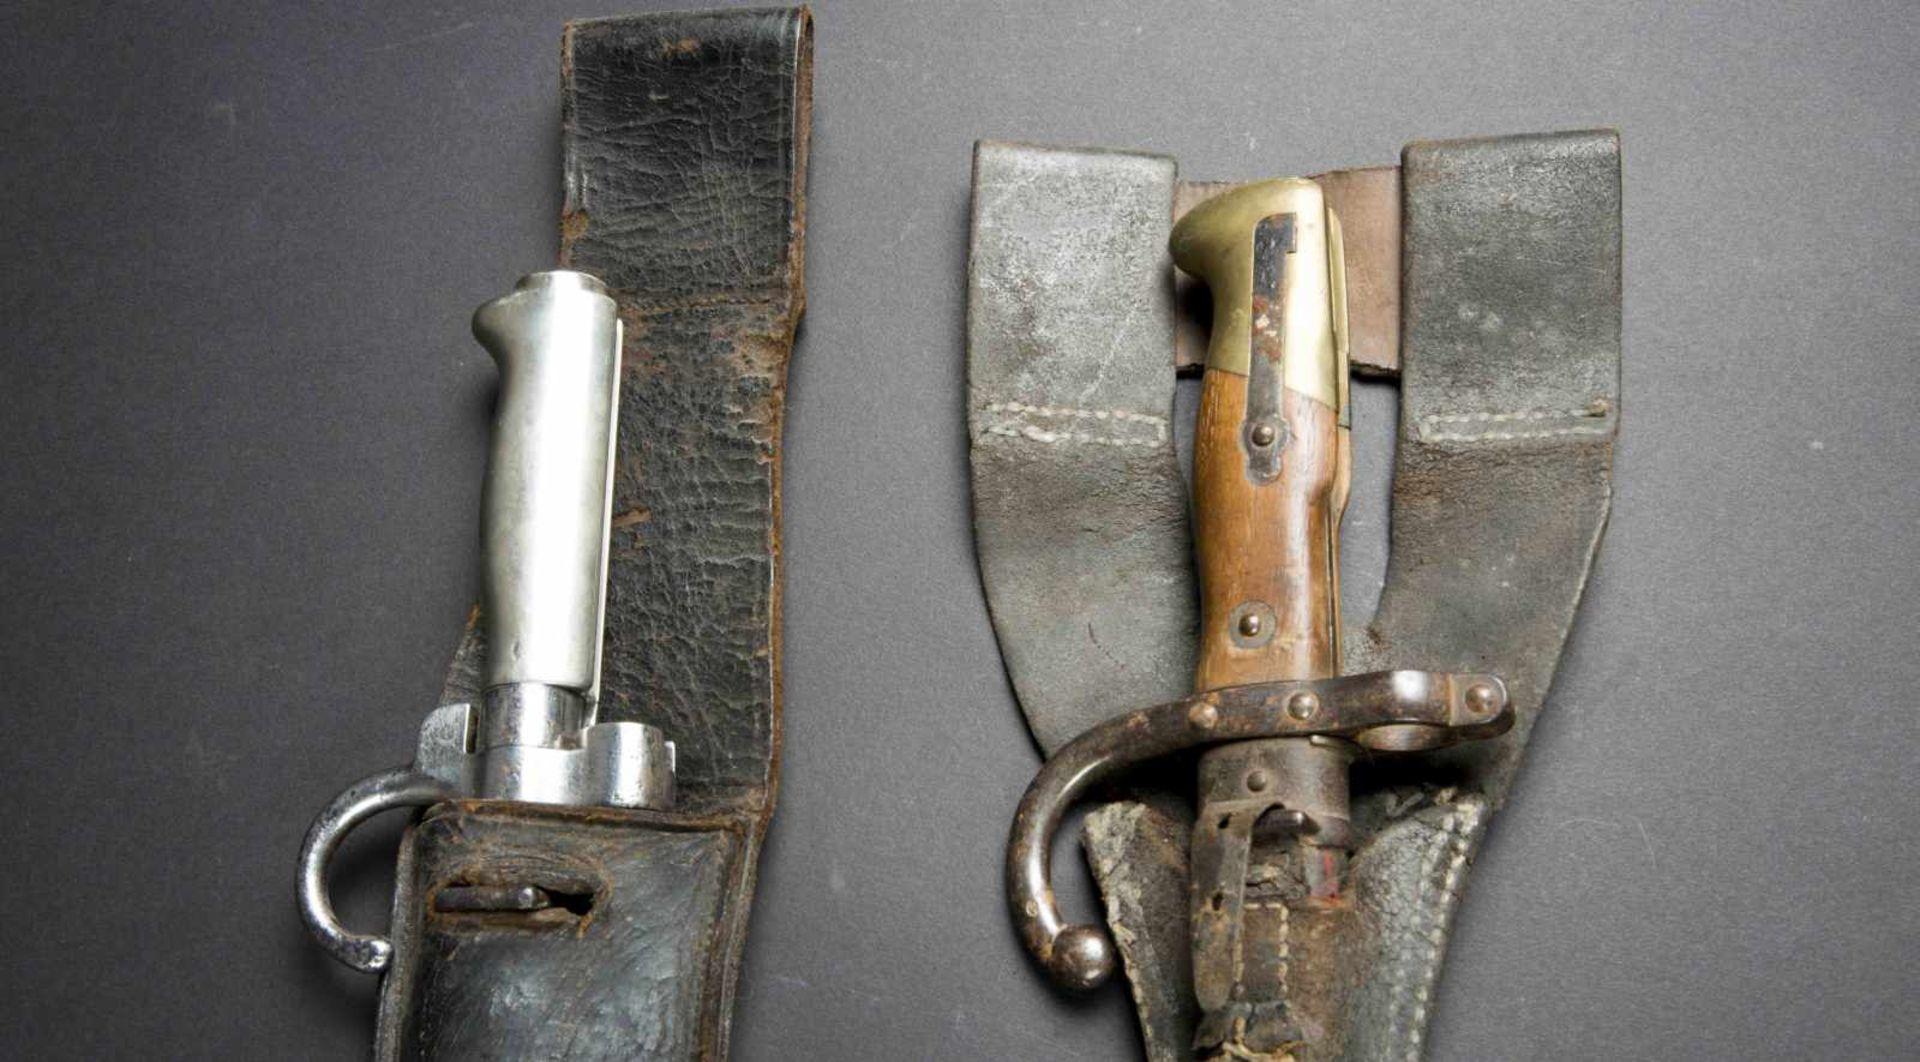 Lot de deux baïonnettes Lebel modèle 1886 poignée maillechort (bon état) avec porte-baïonnette non - Bild 4 aus 4